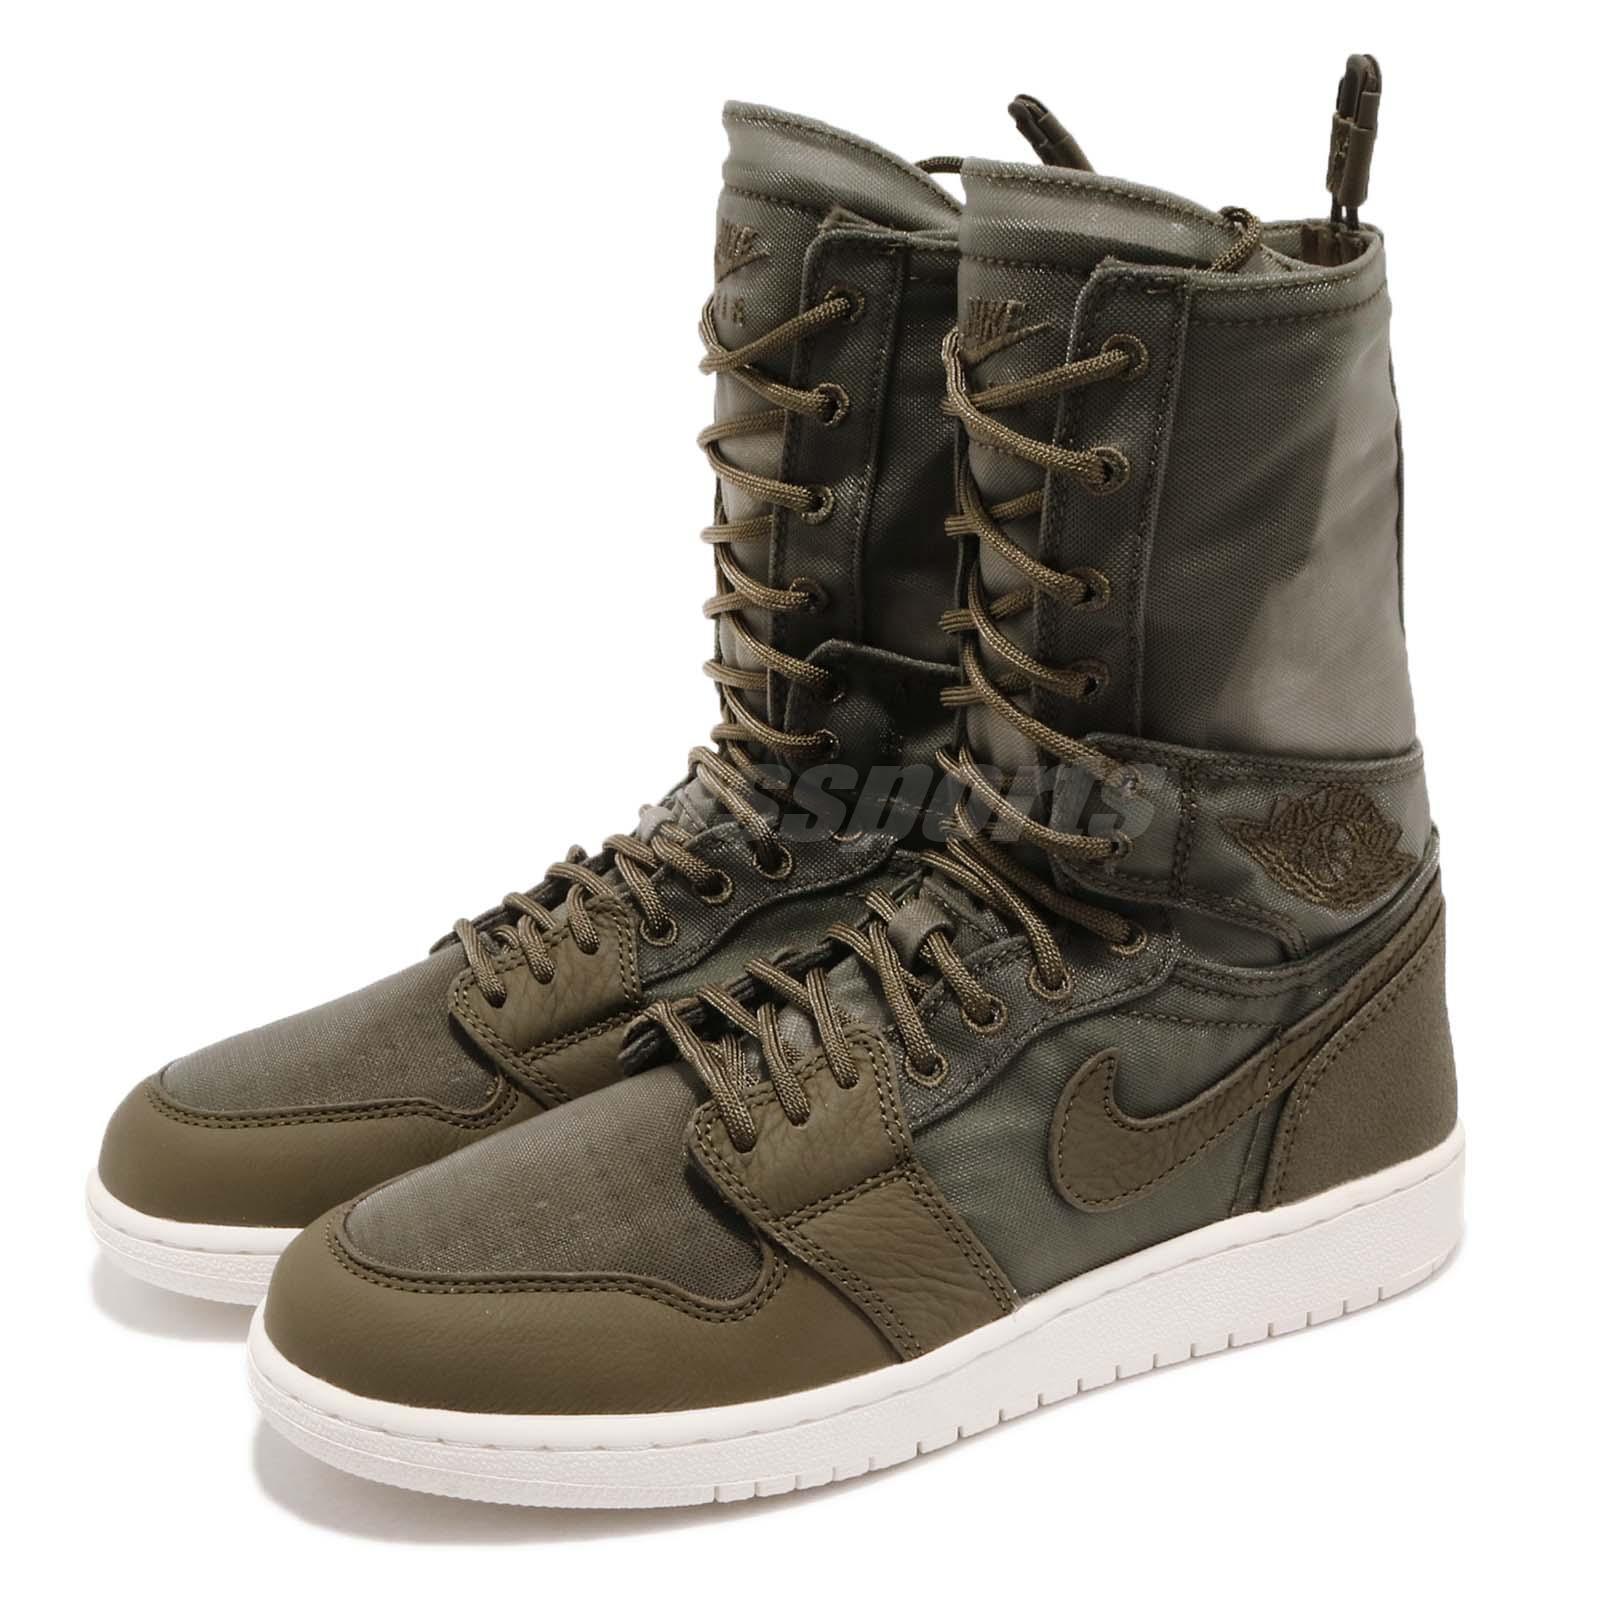 premium selection 7b7d3 04b4e Details about Nike Wmns Air Jordan 1 Explorer XX Olive Canvas Women Sneaker  Boots AQ7883-300